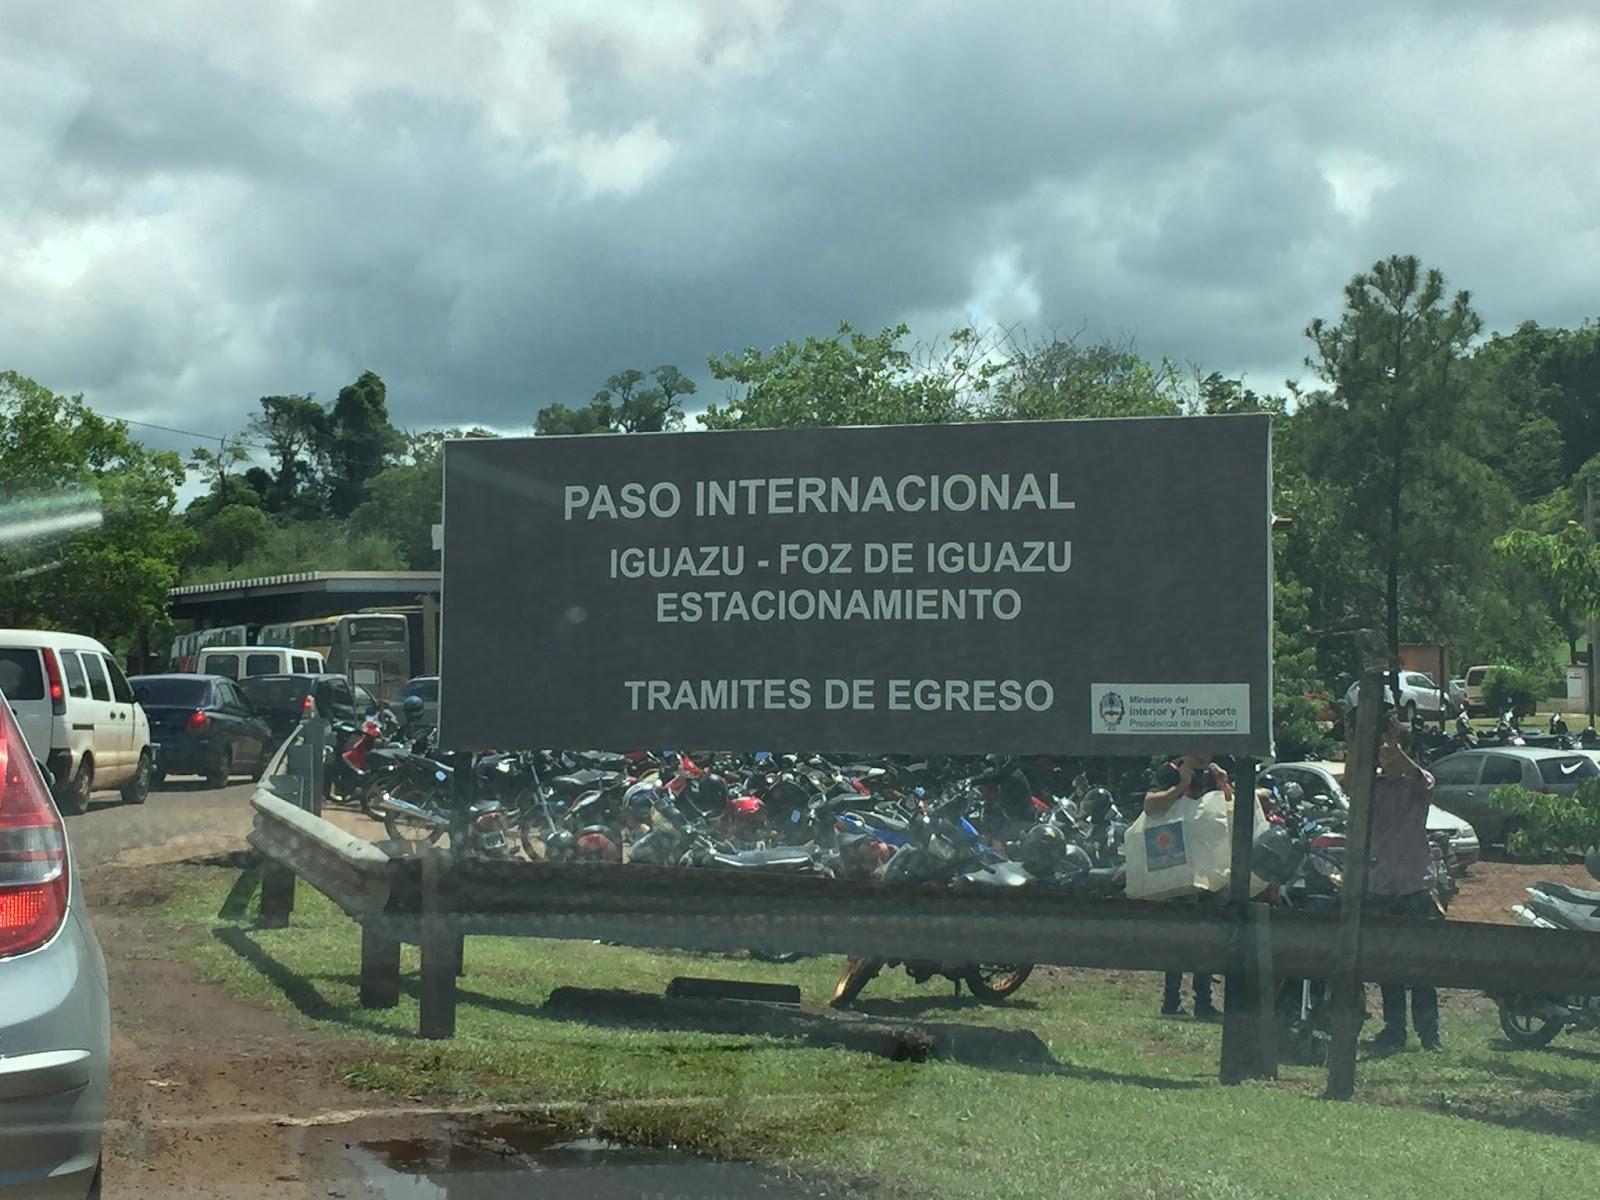 Paso Internacional Iguazu